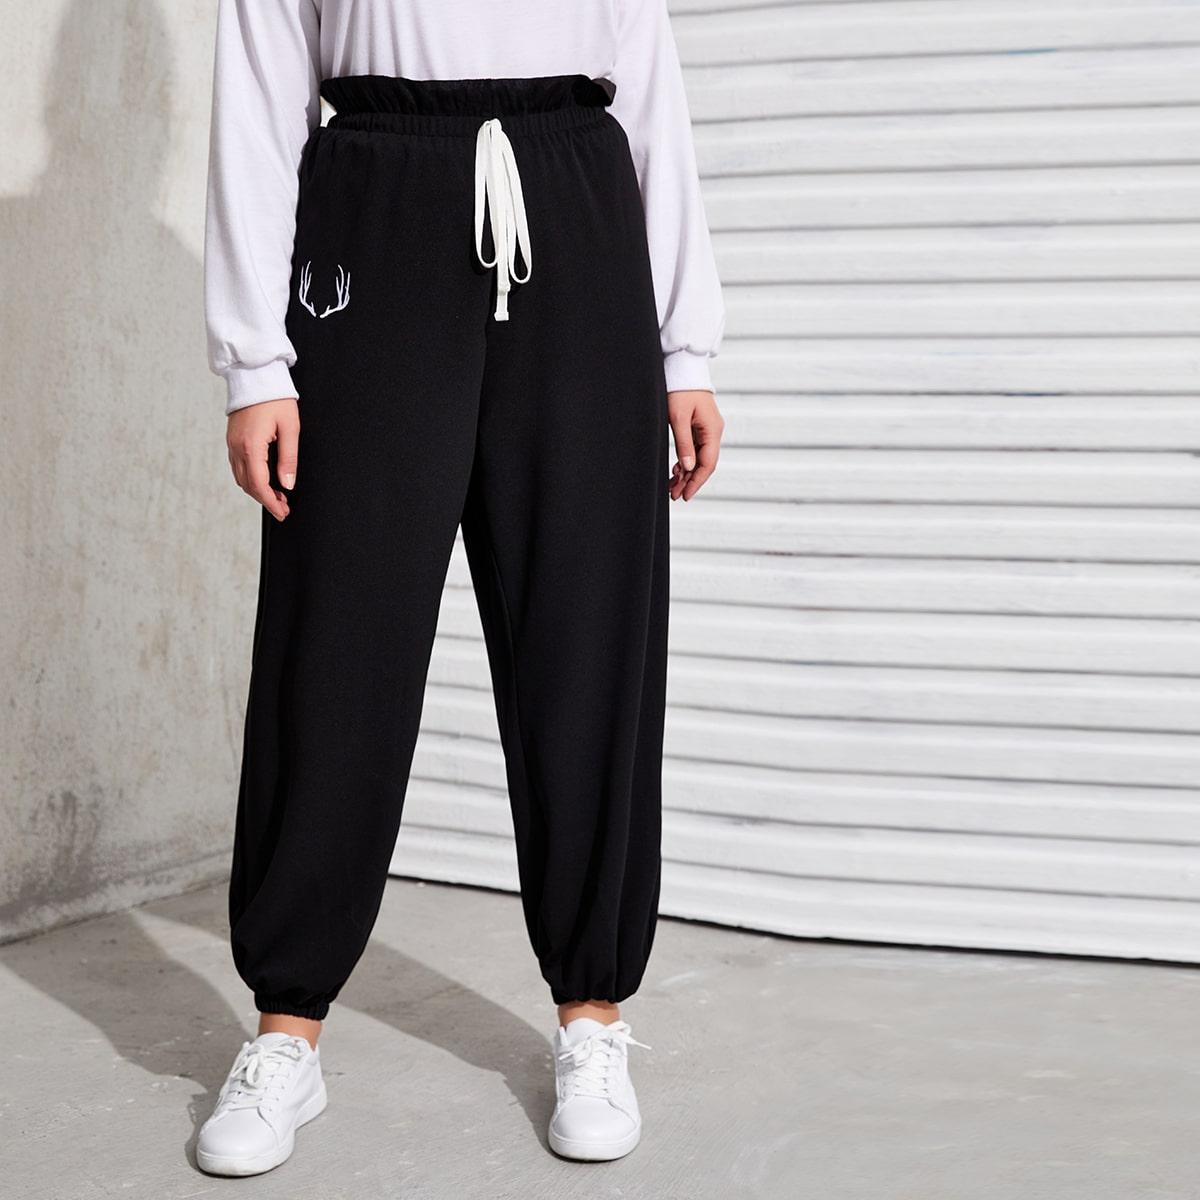 Вышивка графический принт повседневный брюки размер плюс